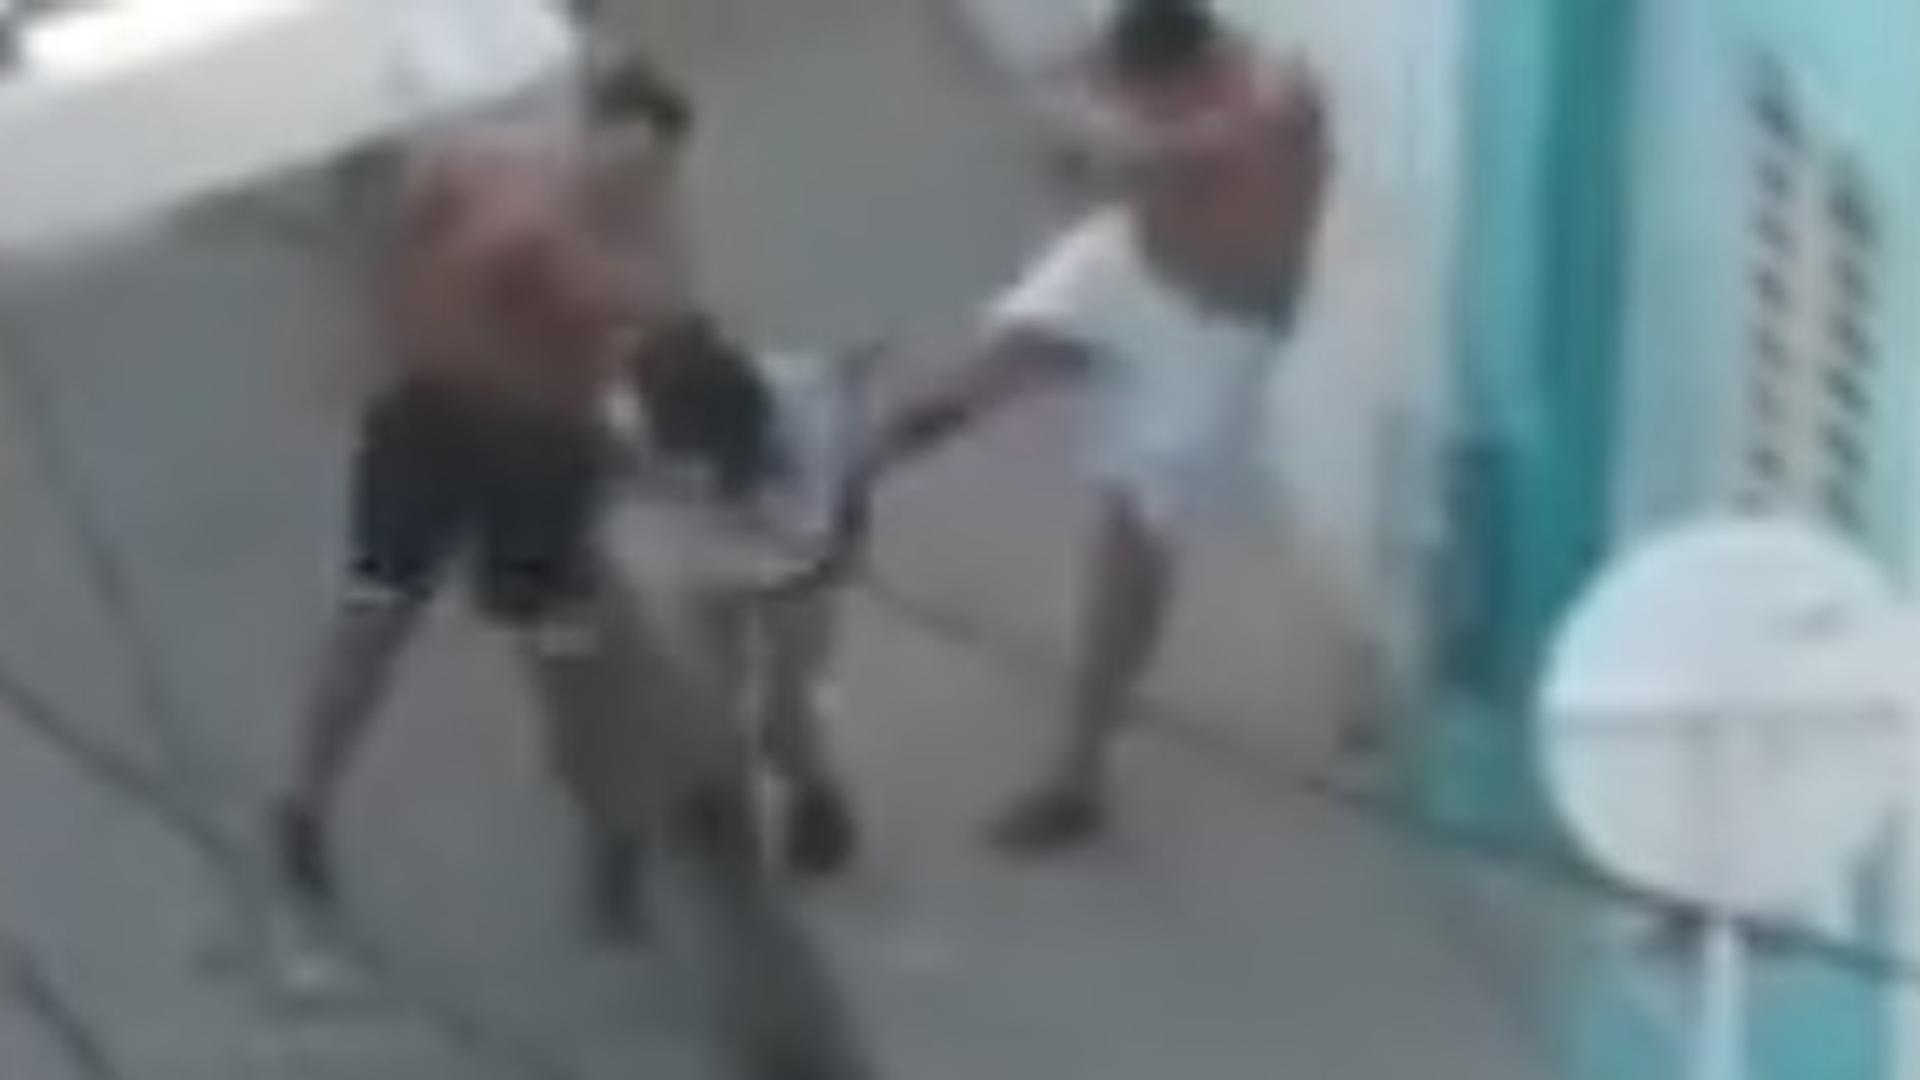 Instante en que dos hombres agreden a la mujer en una calle de Santa Marta.